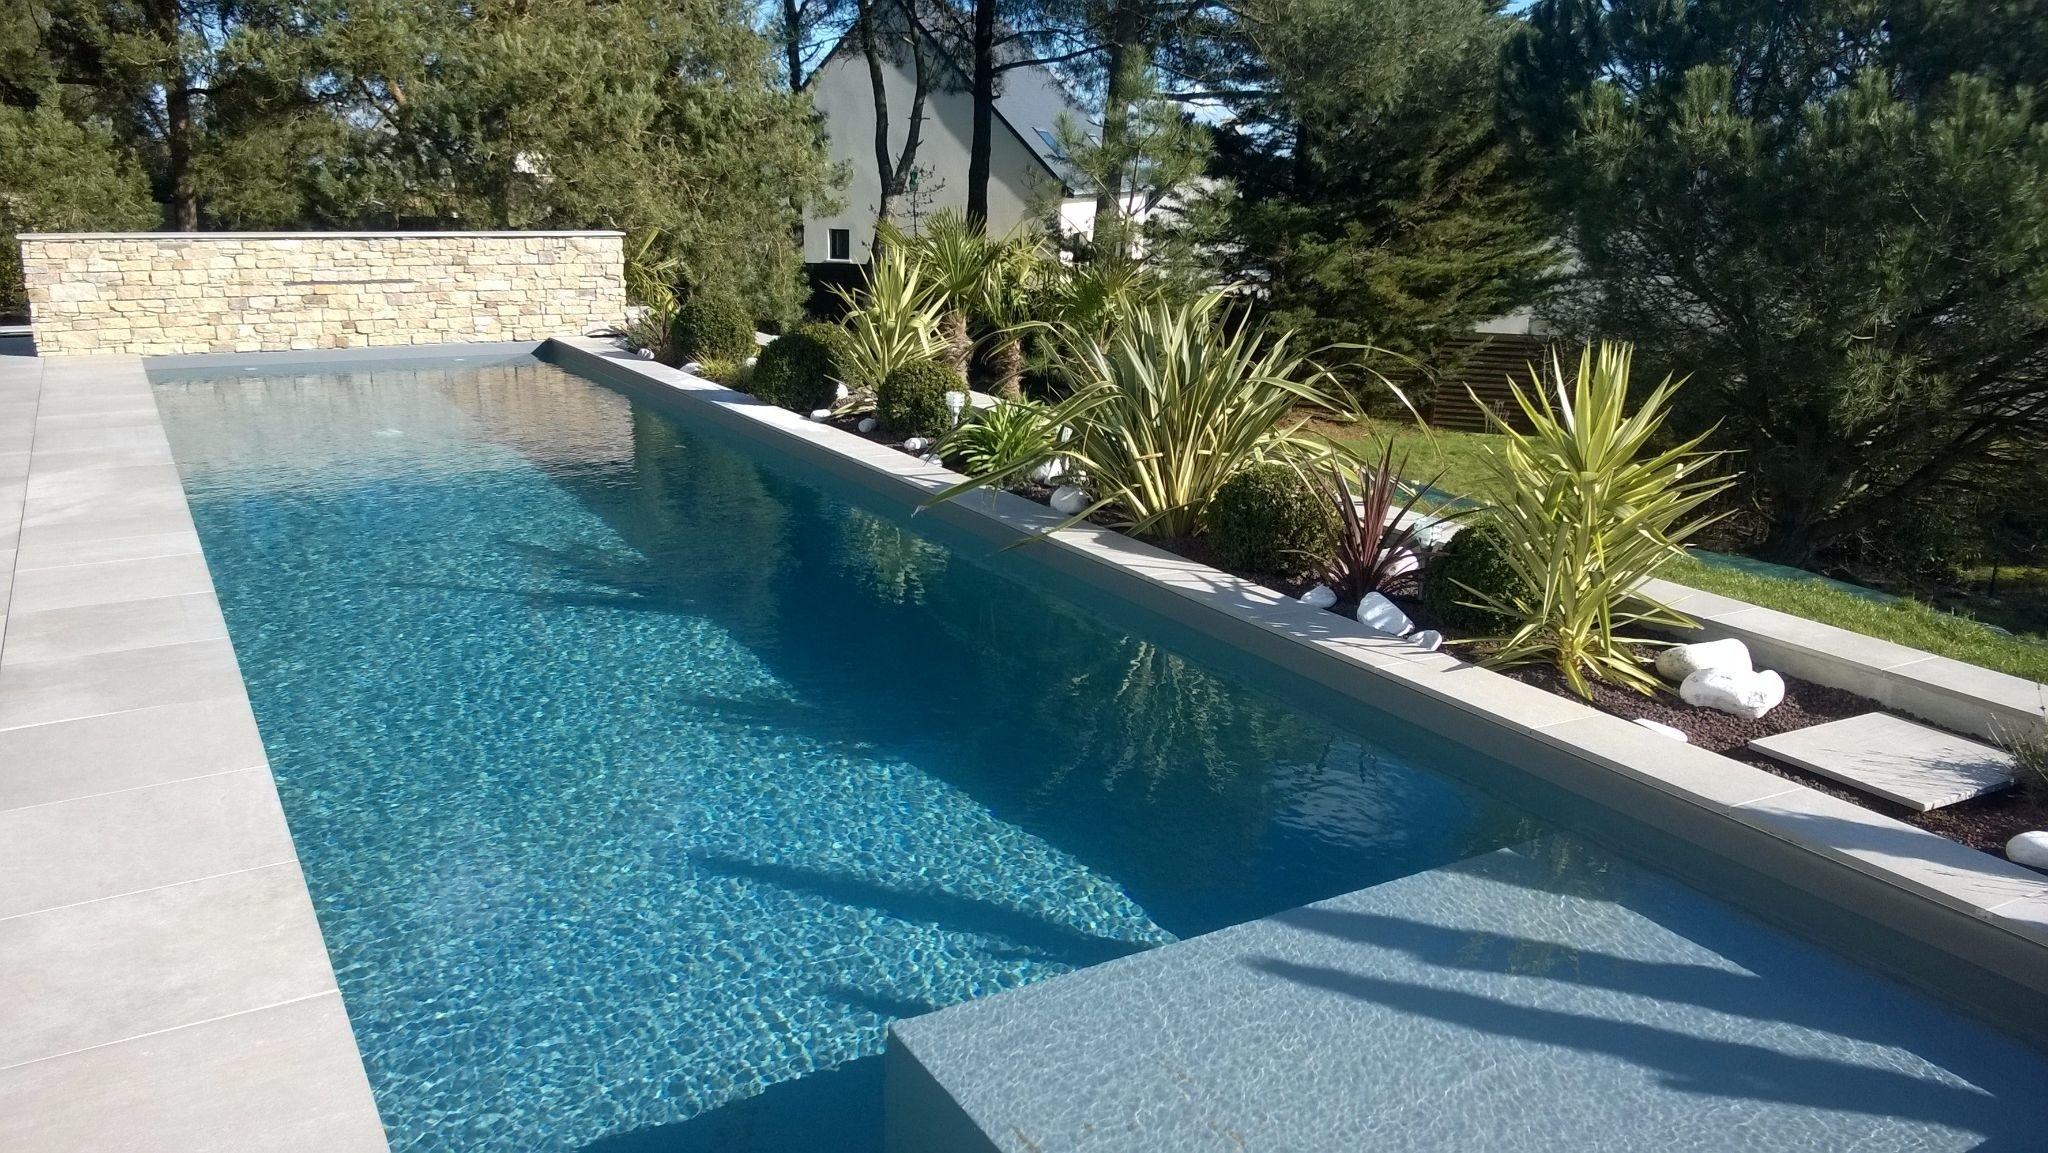 amenagement jardin avec piscine inspirant deco idees decoration meilleur beautiful contemporary matkinfo petites piscines creusee constructeurs hors terre pour petits jardins